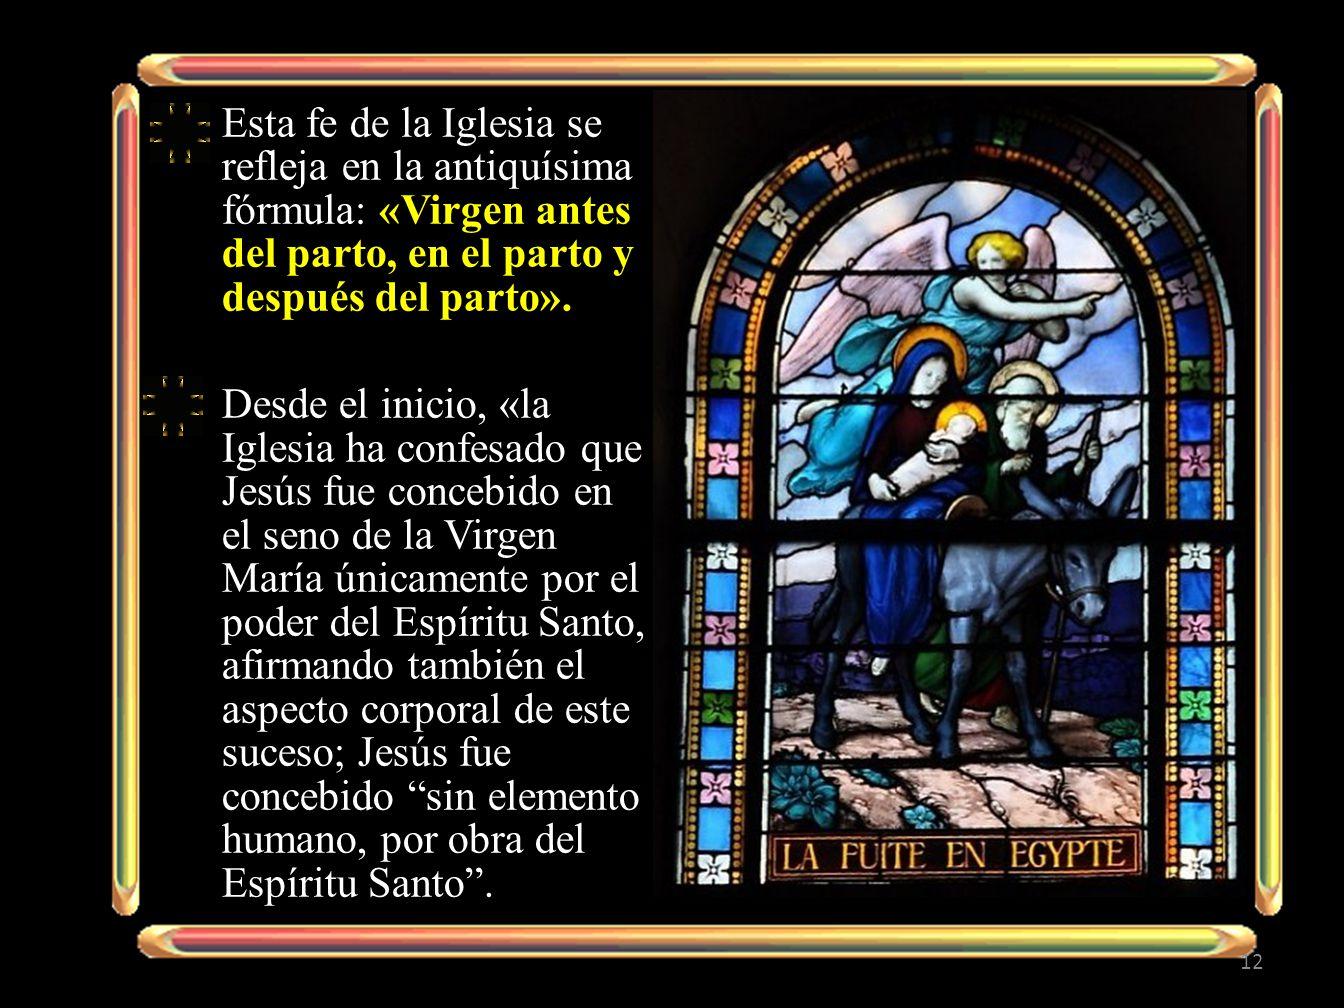 Esta fe de la Iglesia se refleja en la antiquísima fórmula: «Virgen antes del parto, en el parto y después del parto».